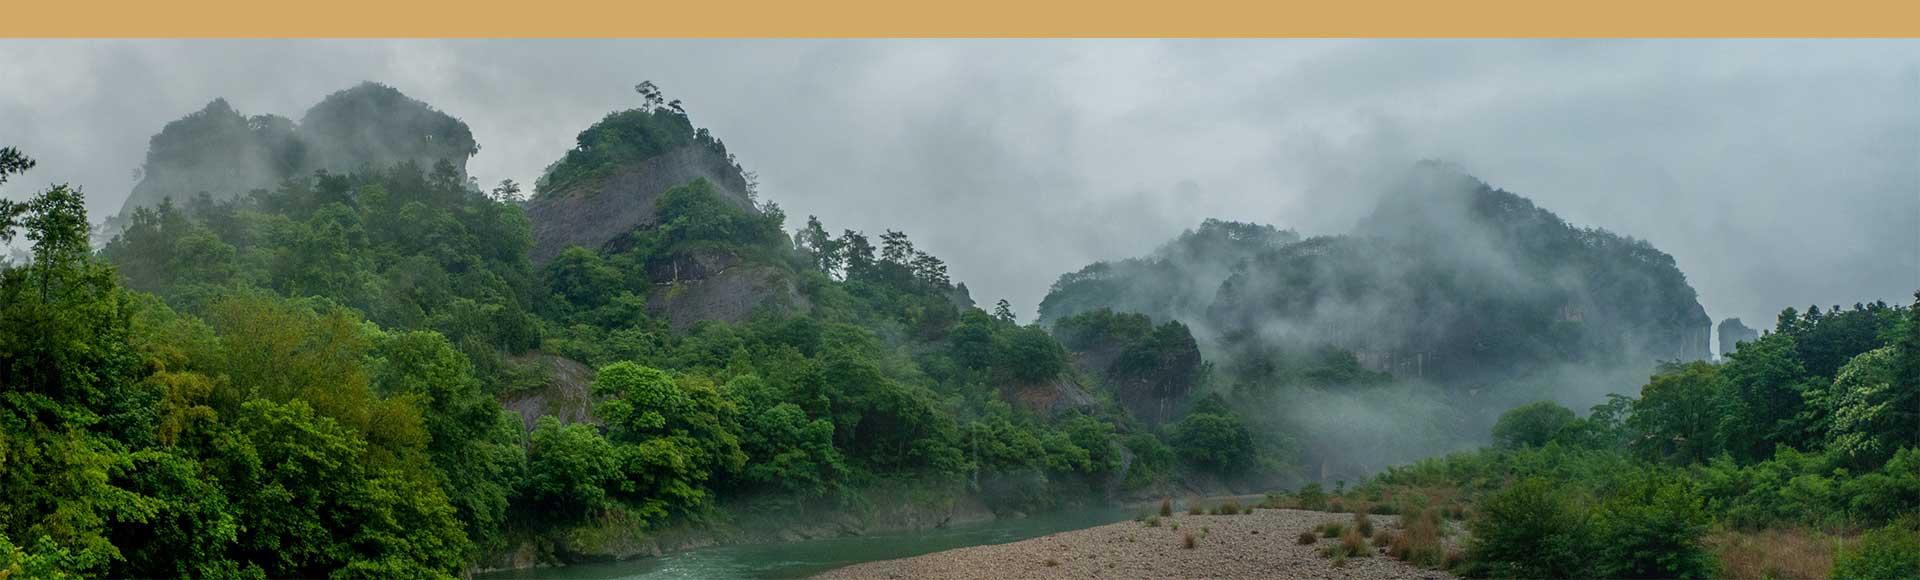 Da-Hong-Pao-Wuyi-Shan-Fujian.jpg